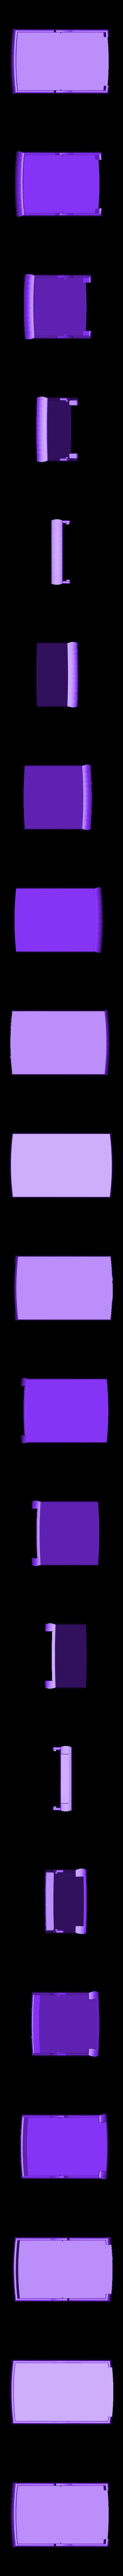 BW-Batteryholder.stl Télécharger fichier STL gratuit Samsung Galaxy Note 2.BlackWeb Support de batterie pour boîtier Otterbox • Objet imprimable en 3D, ChrisBobo